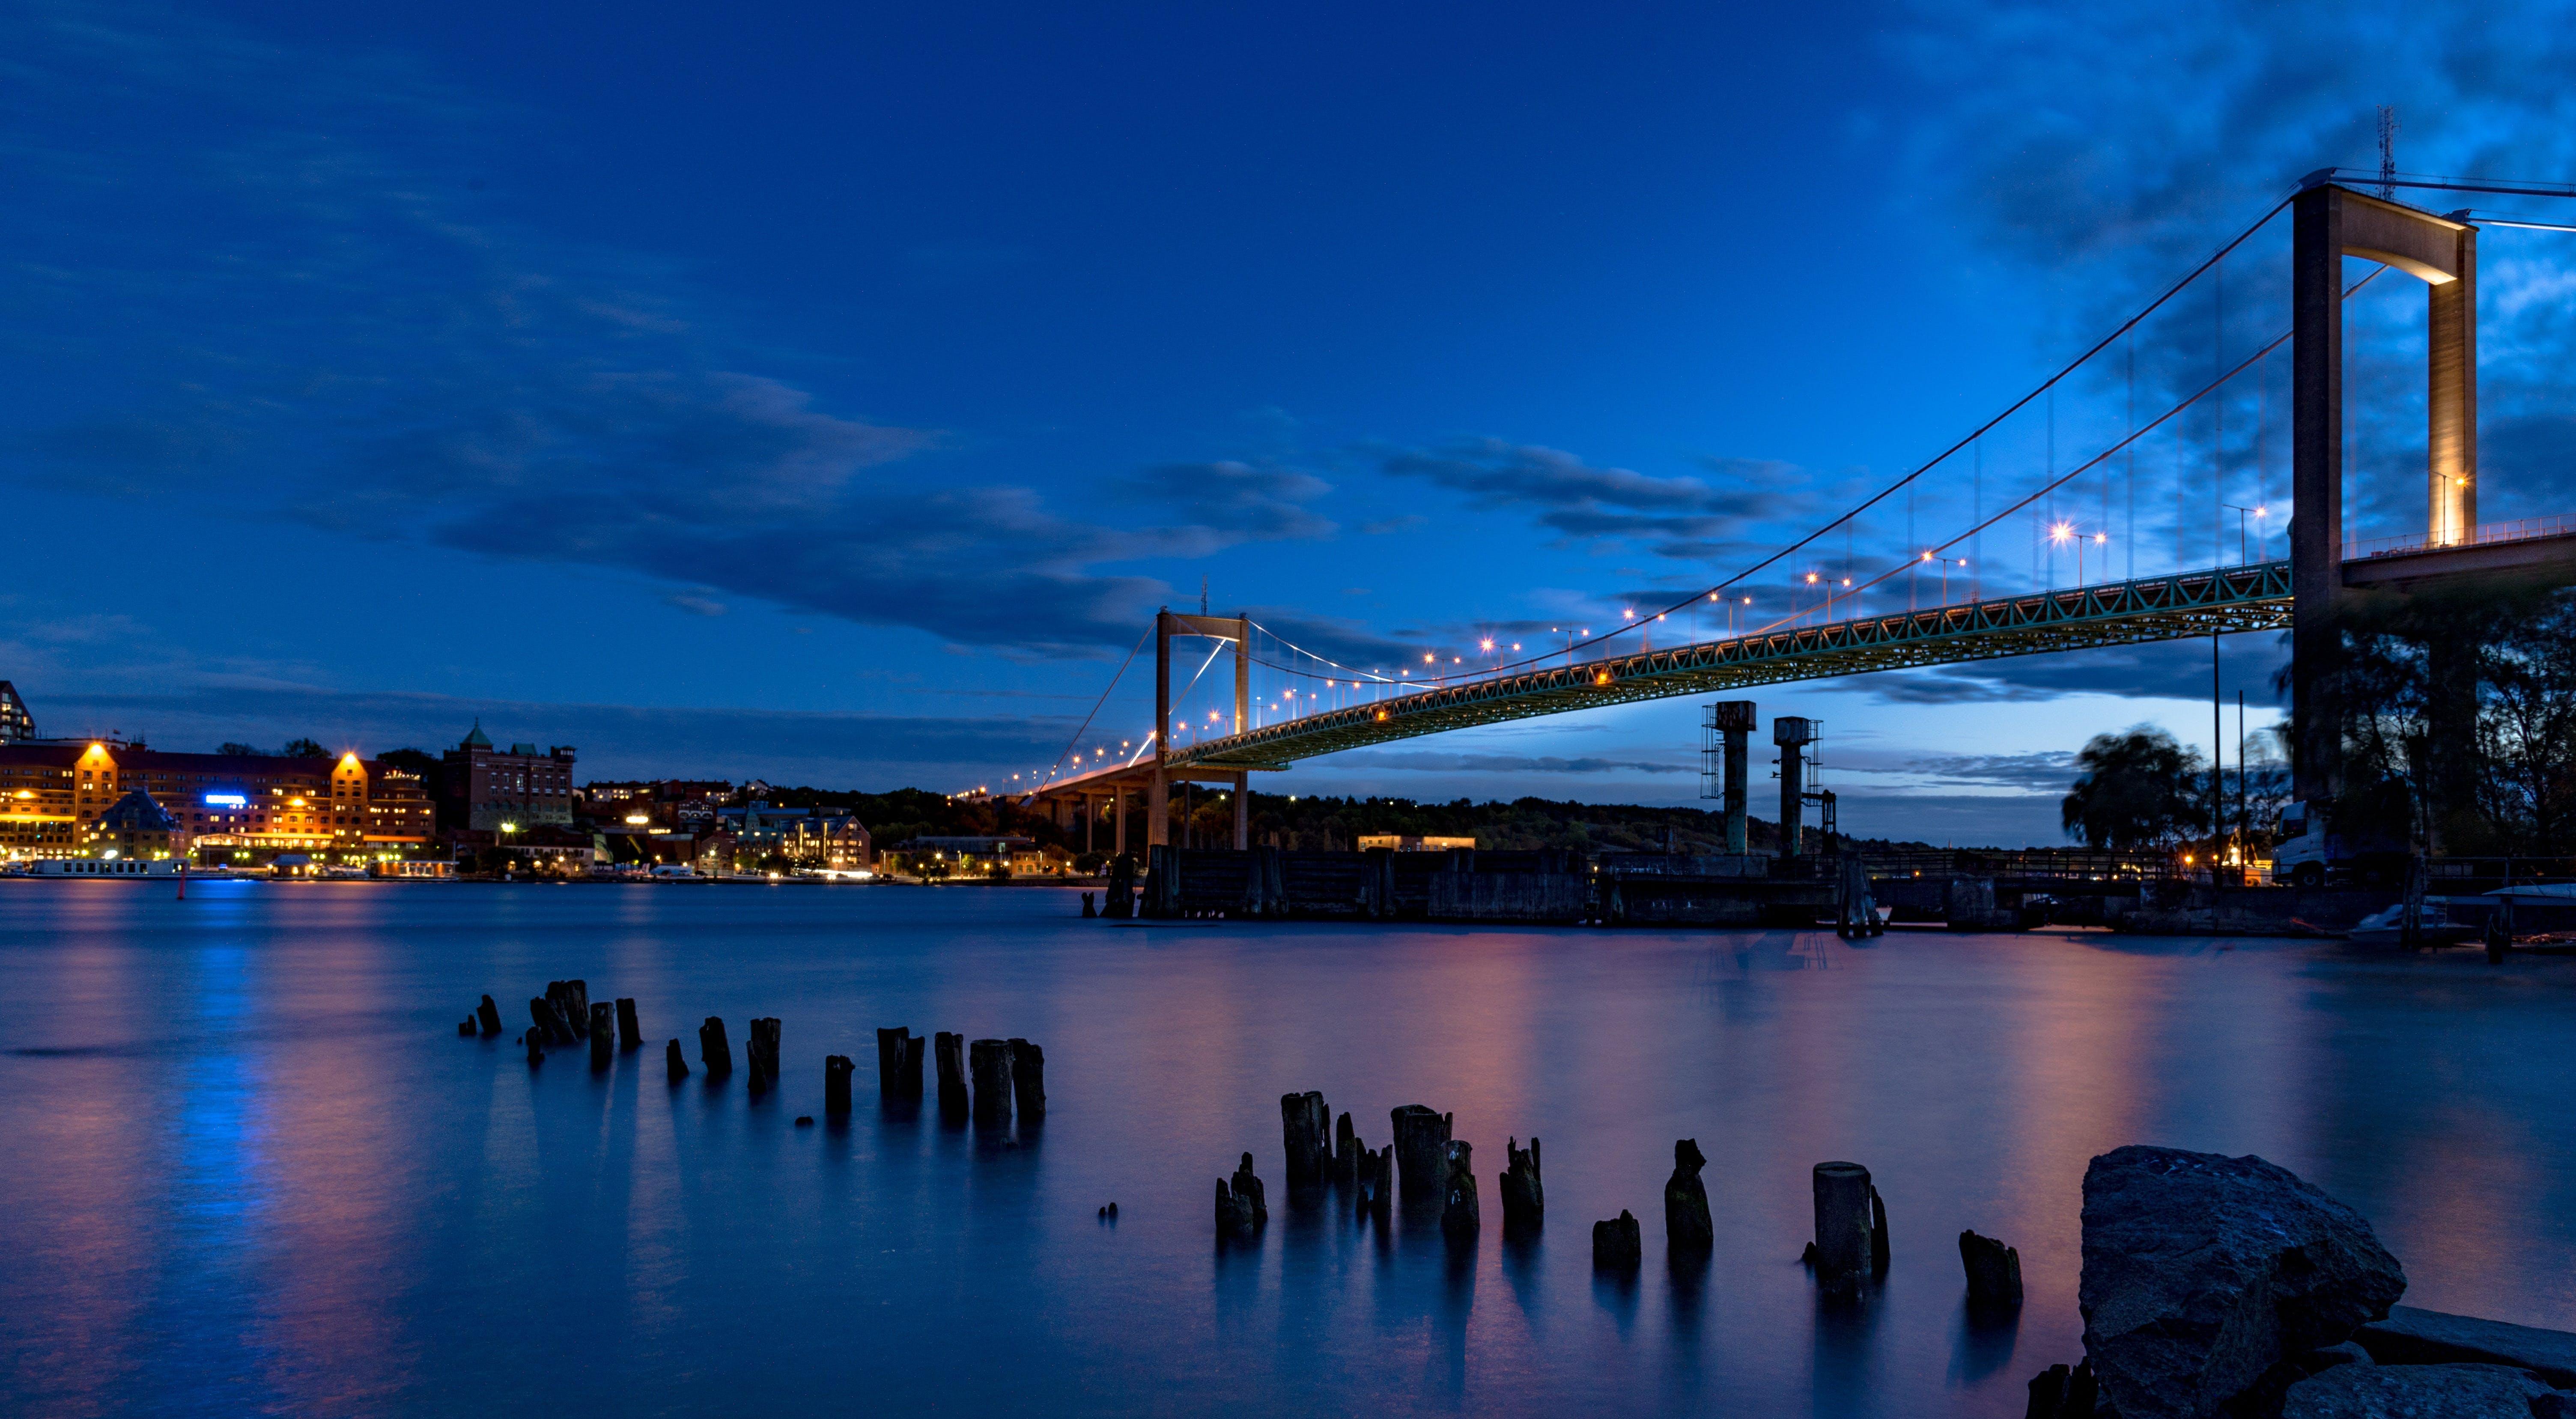 View of Body of Water Below City Suspension Bridge